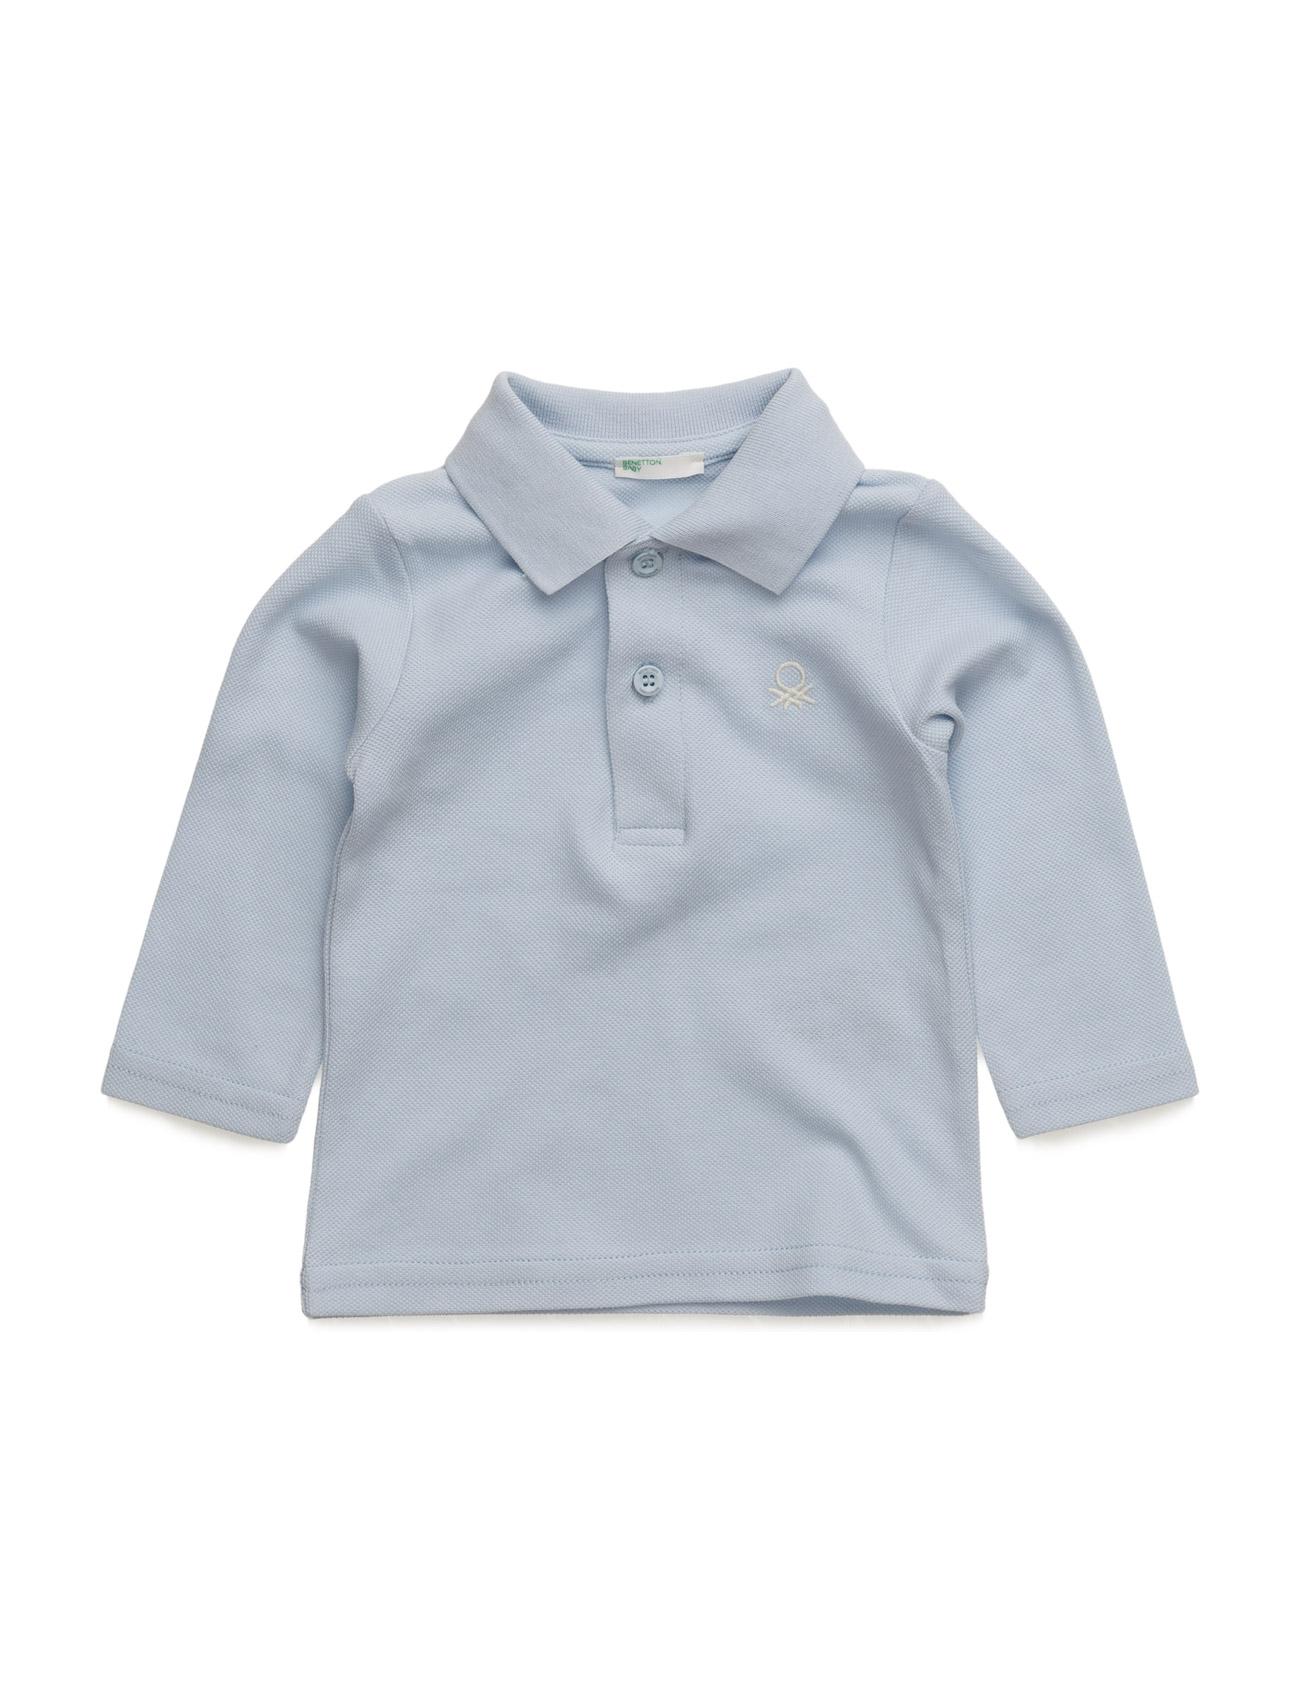 L/S Polo Shirt United Colors of Benetton Langærmede t-shirts til Børn i argil